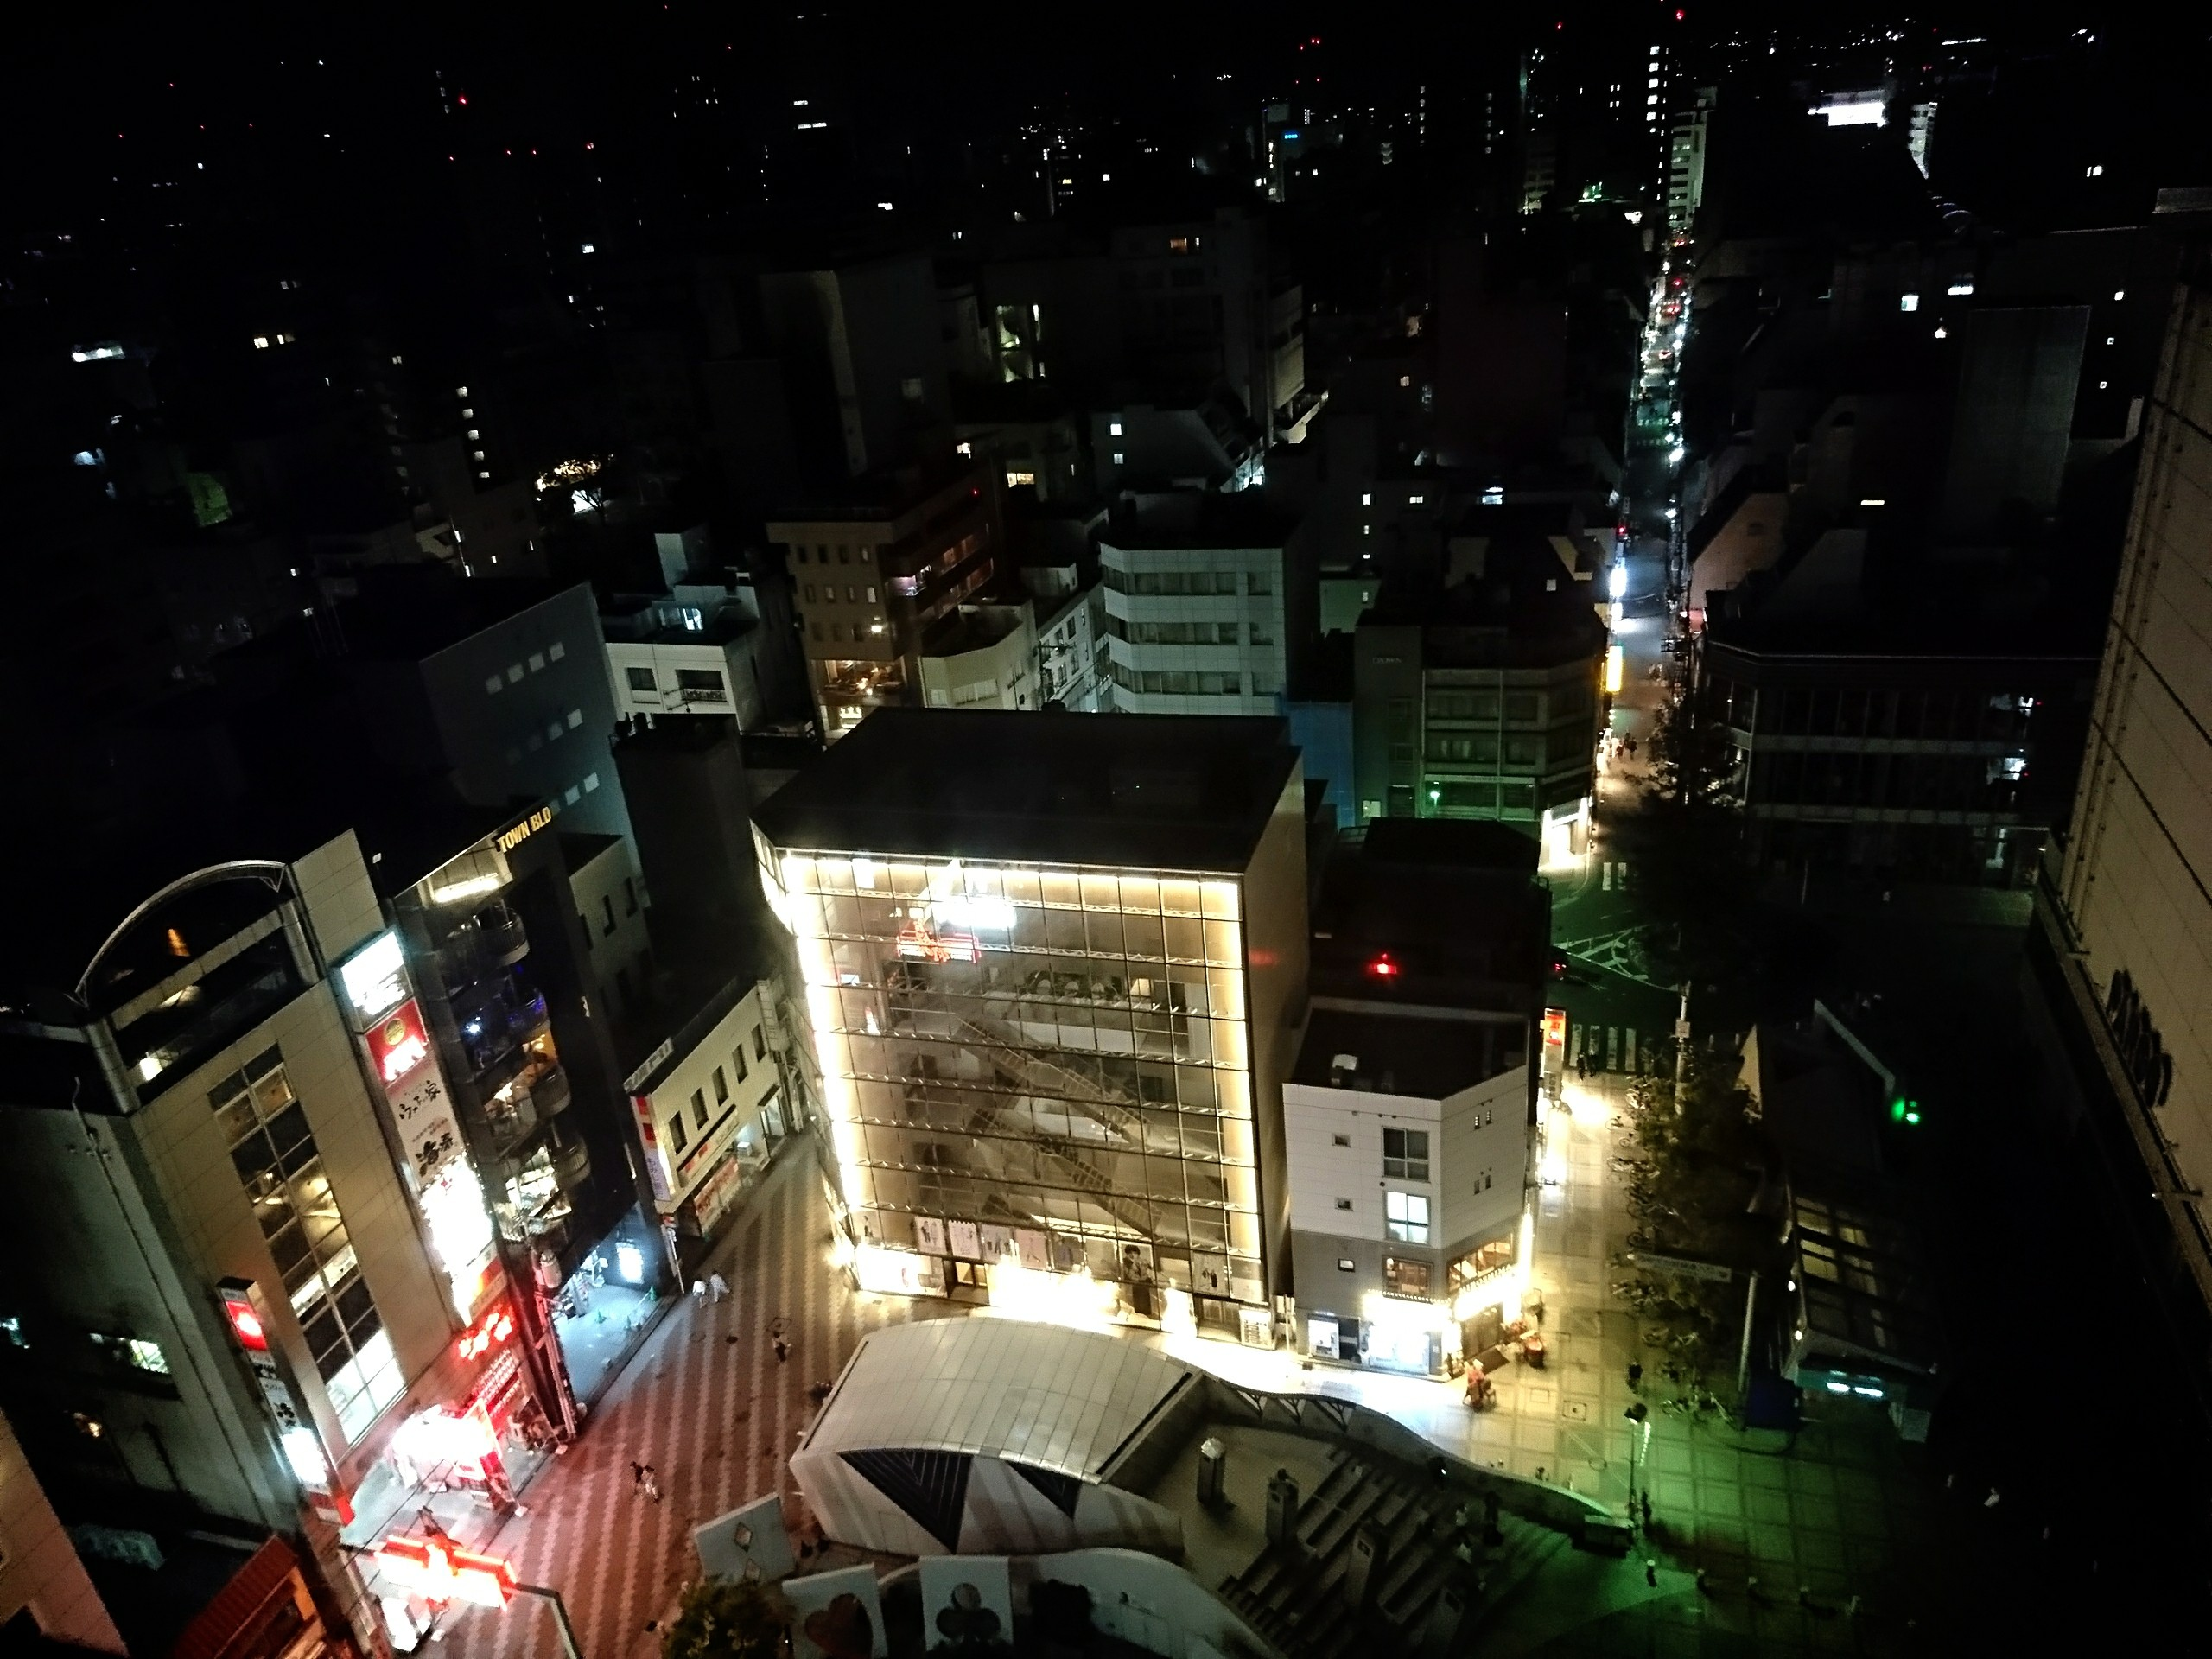 f:id:SI15_kyoko:20170627193120j:image